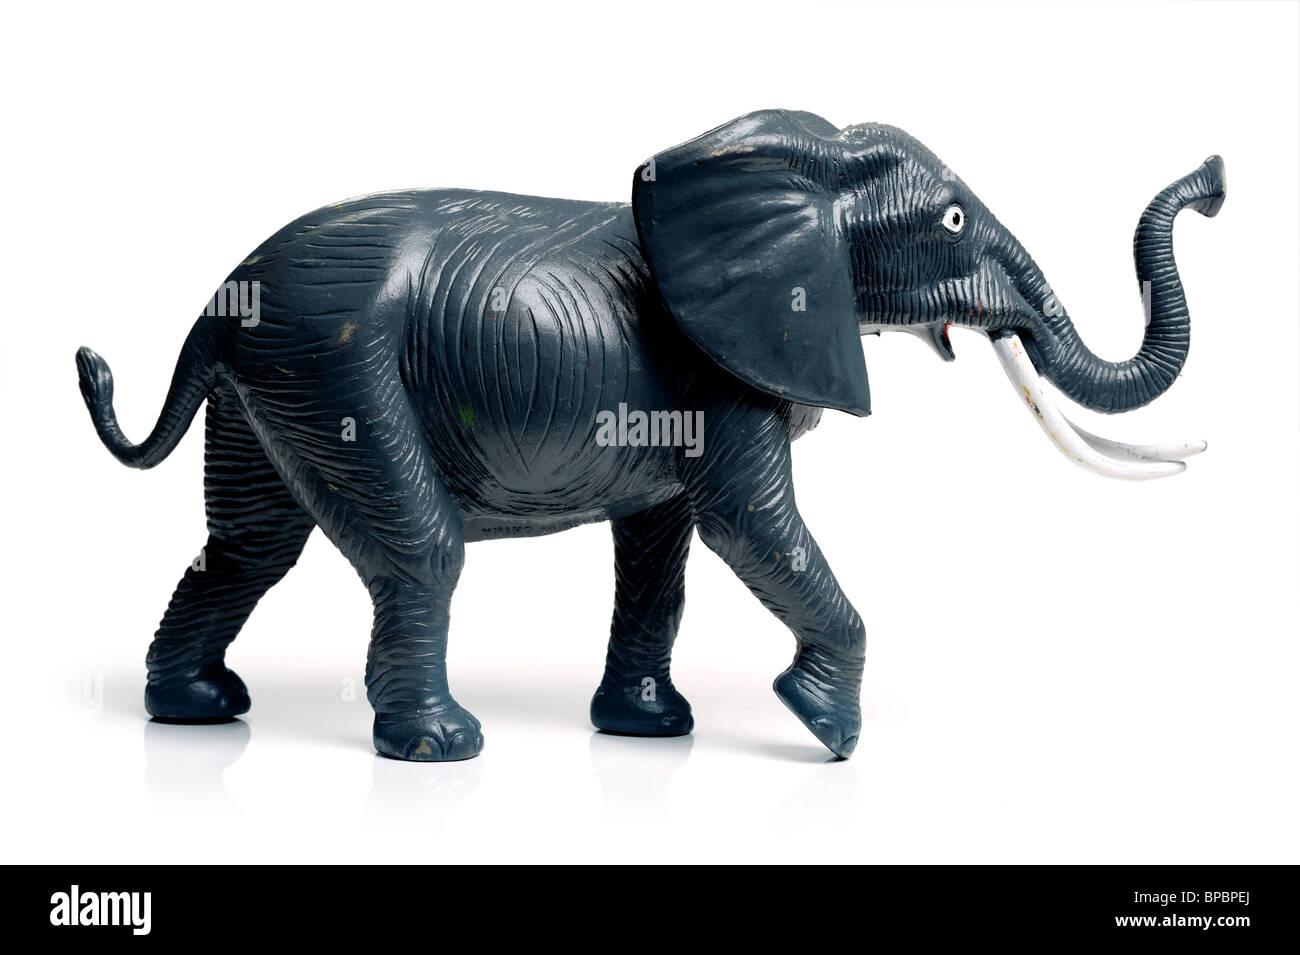 Éléphant jouet en matière plastique Photo Stock